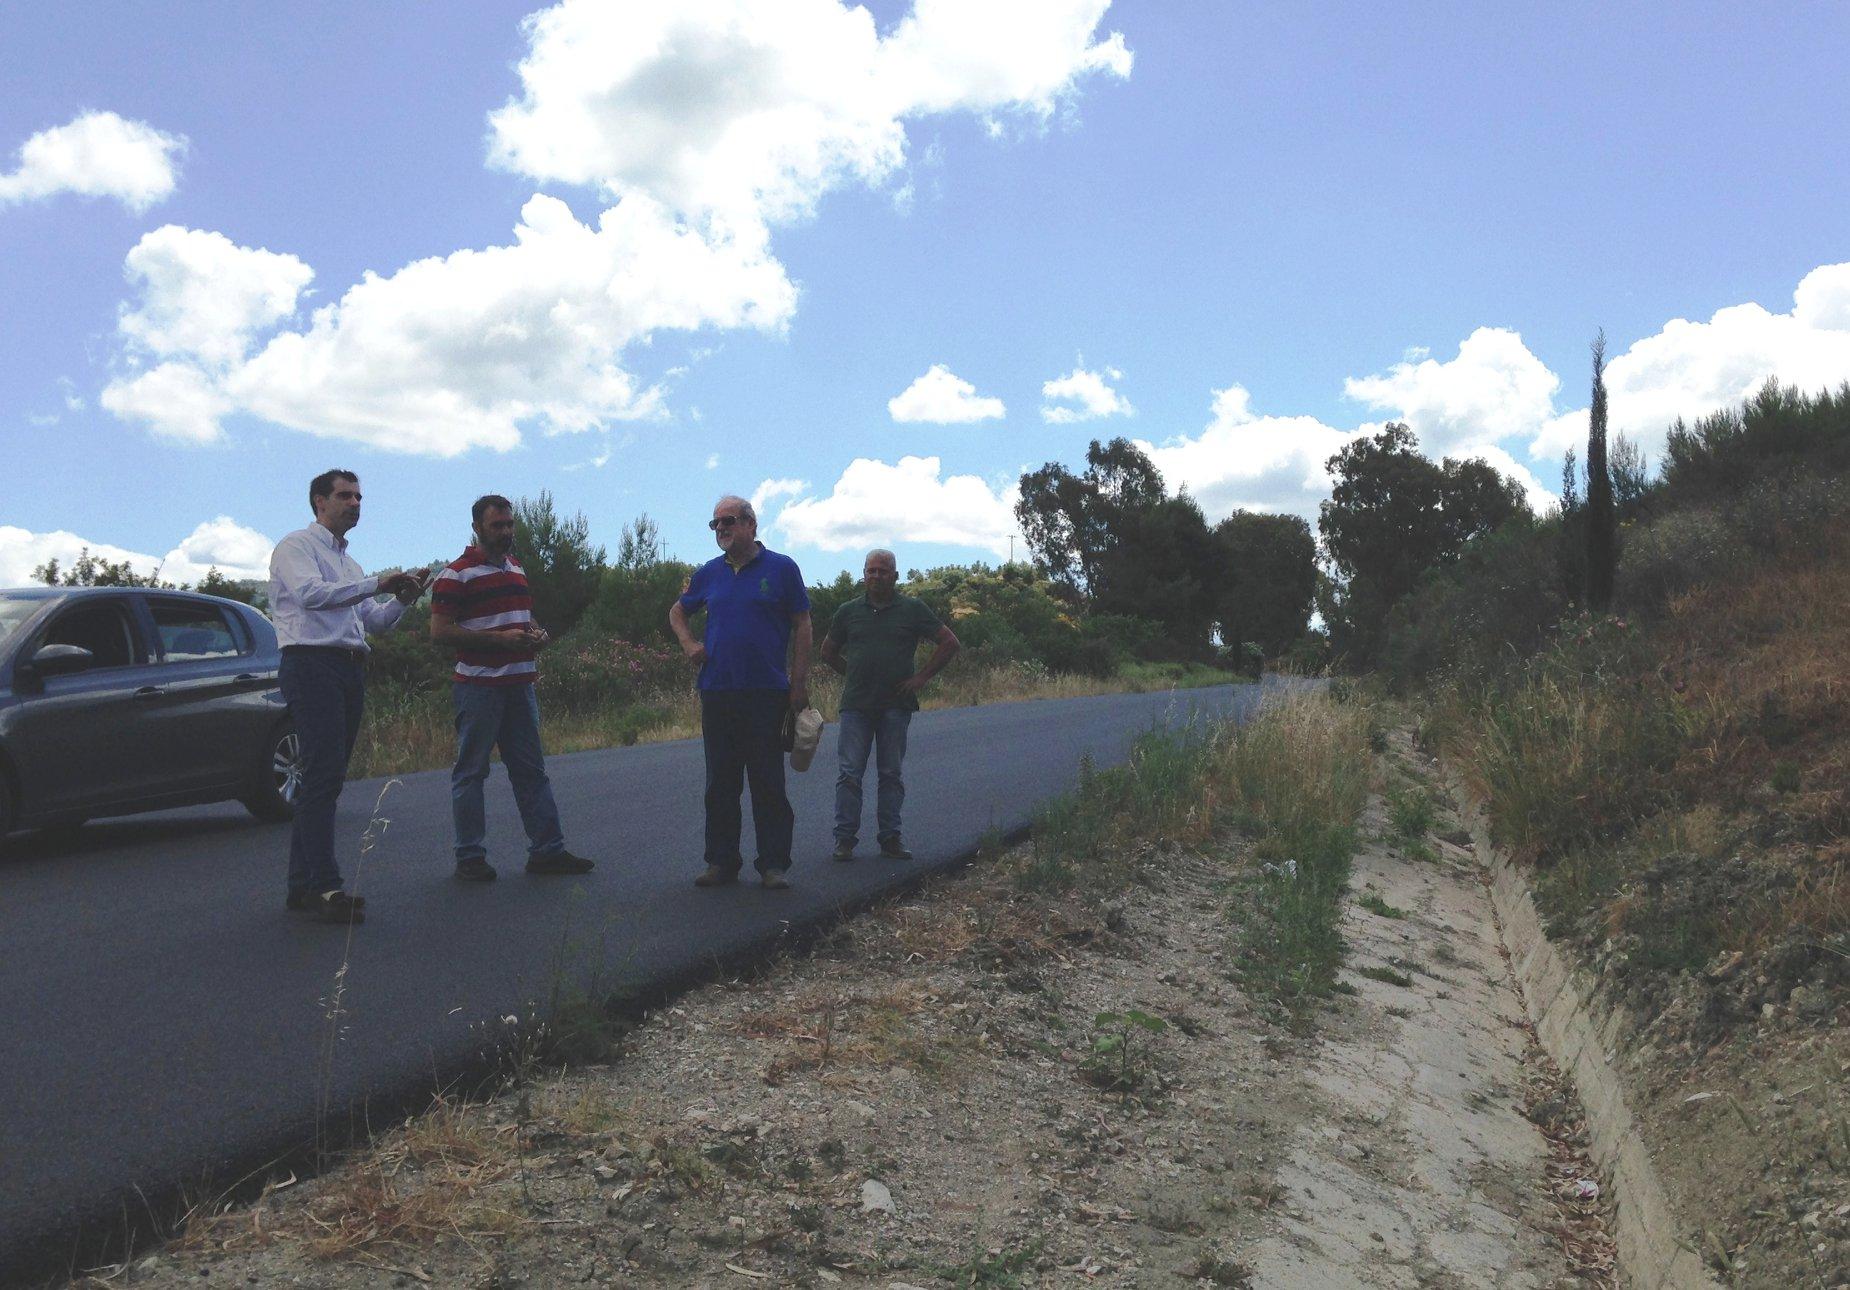 Αυτοψία Αντιπεριφερειάρχη Π.Ε Ηλείας Β. Γιαννόπουλου, σε έργο συντήρησης οδοποιίας στο επαρχιακό οδικό δίκτυο (photos)